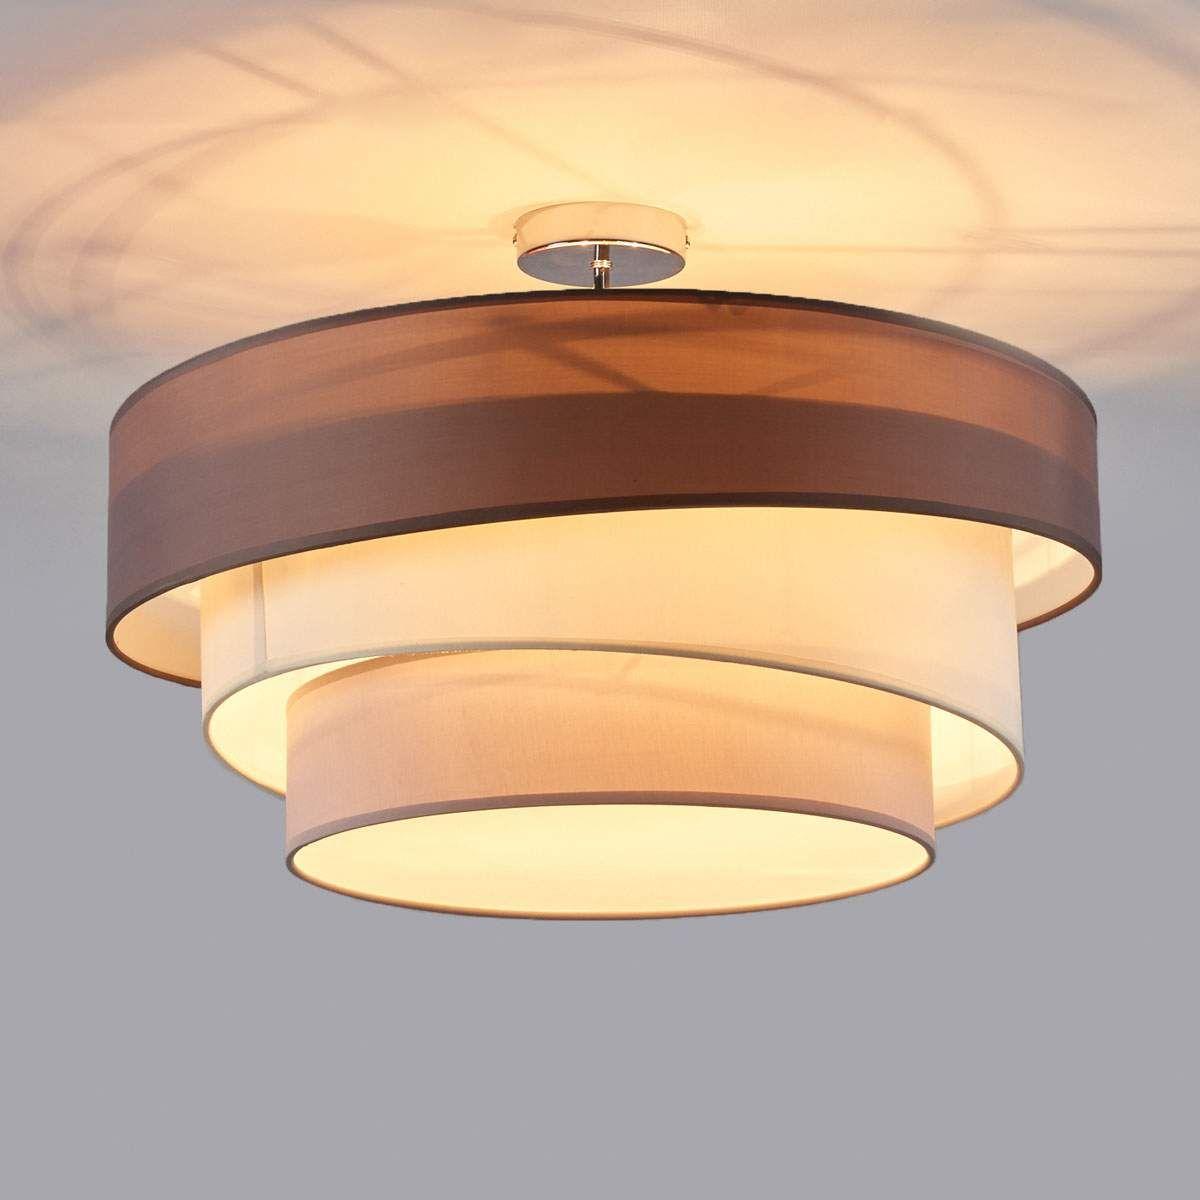 Moderne Deckenleuchte Von Lindby Braun Led Deckenlampen Deckenlampe Und Deckenleuchten Led Wohnzimmer